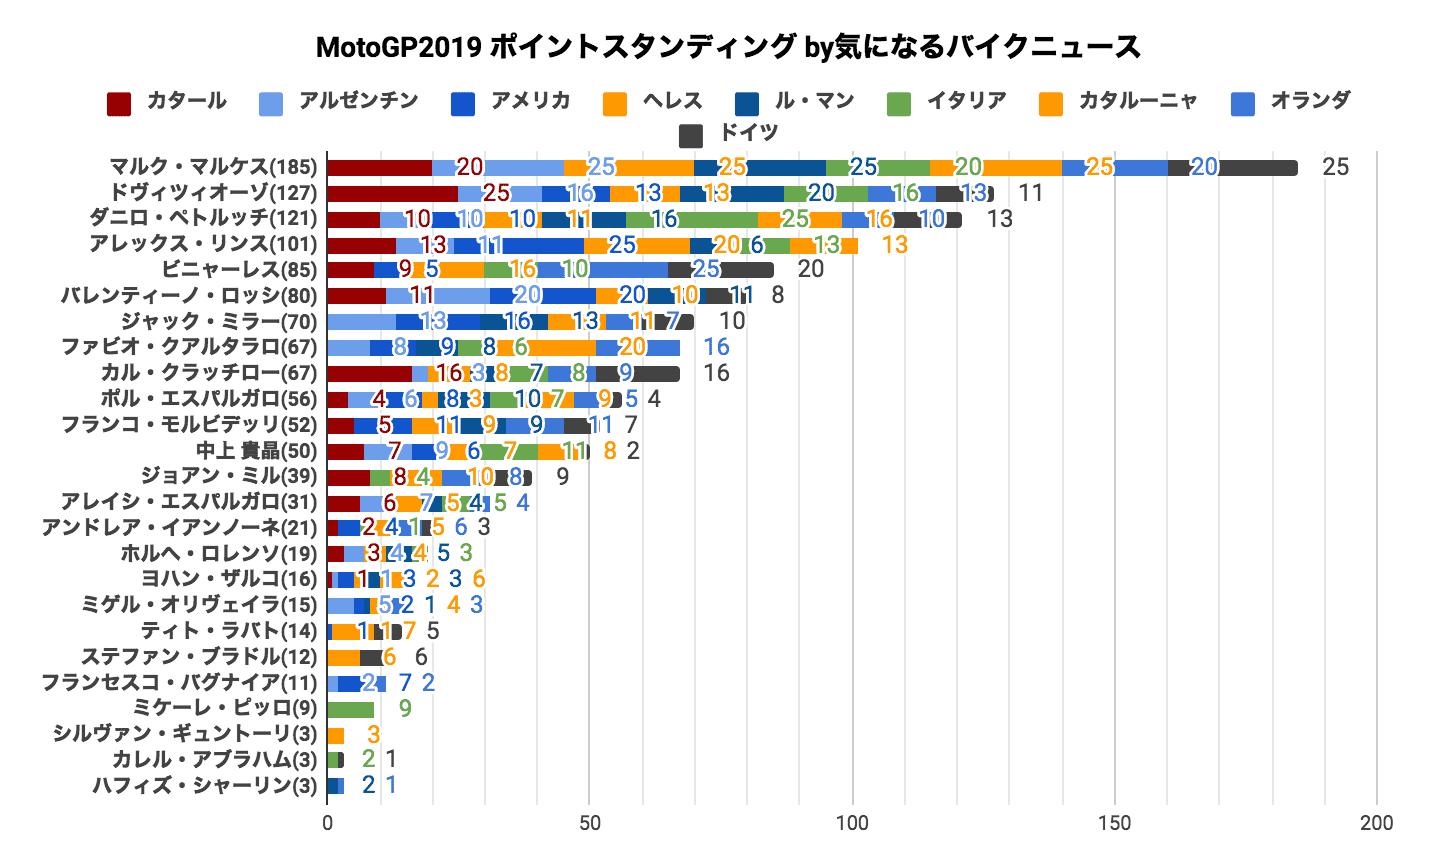 MotoGP2019 ポイントスタンディング(2019/07/08時点)